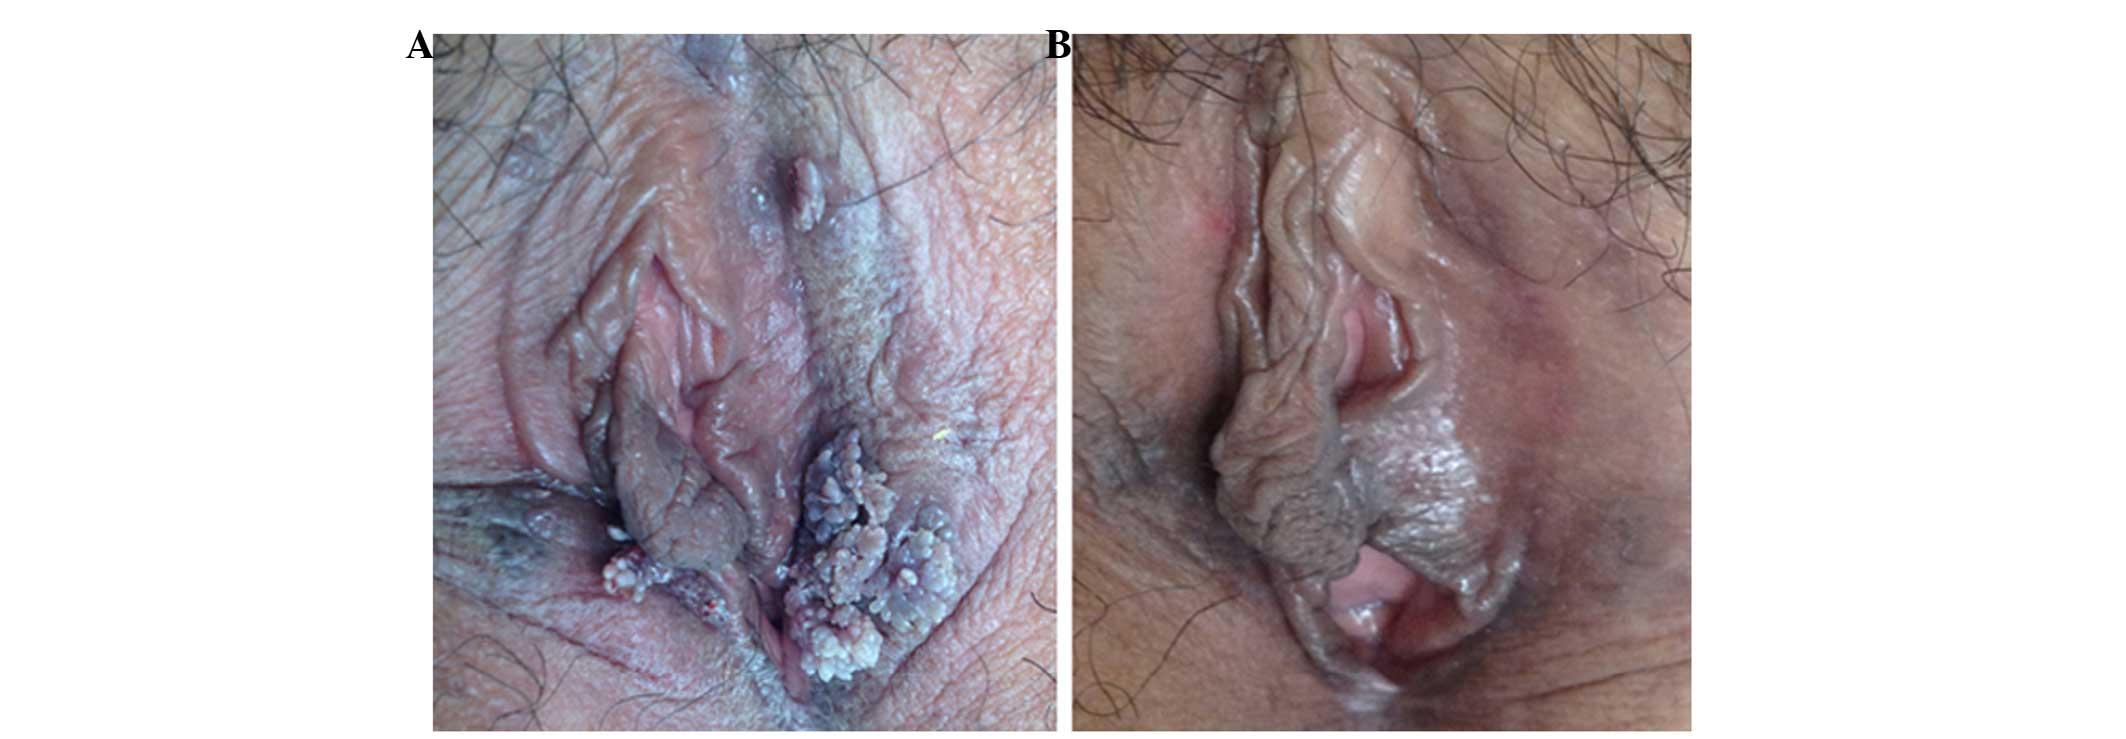 Condyloma acuminatum ncbi, Hpv treatment pubmed, Que es un virus hpv